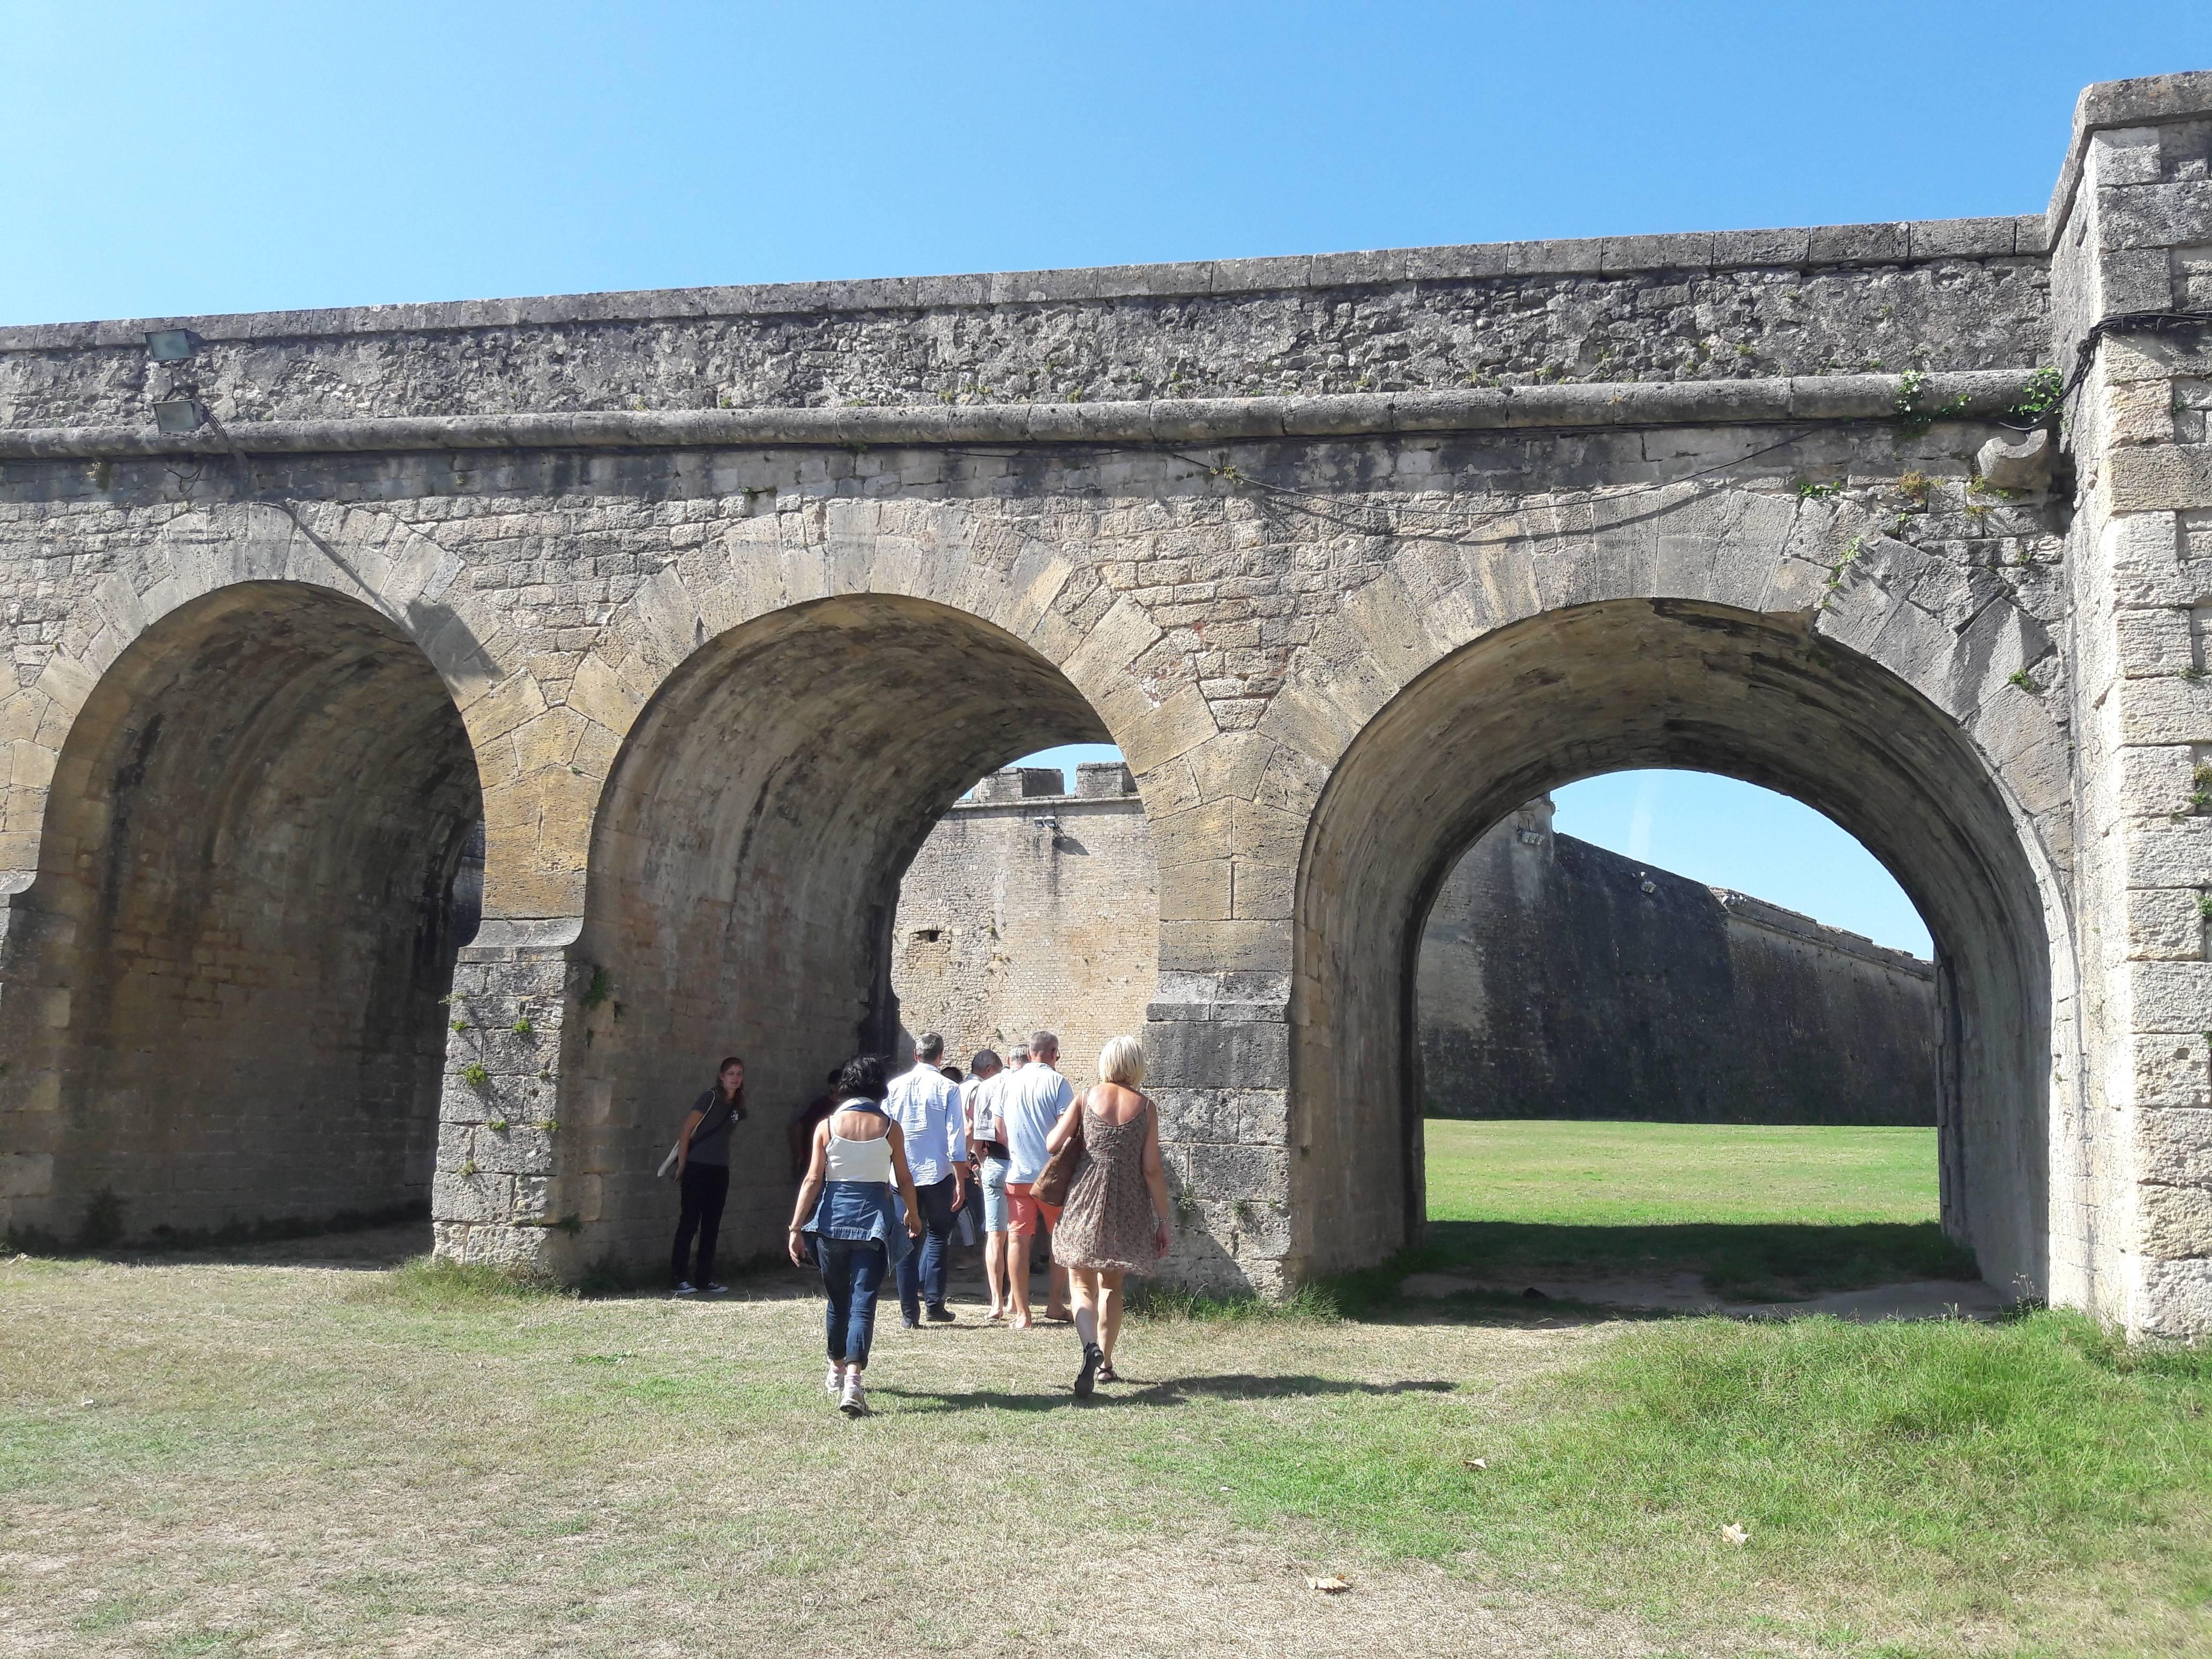 Photo 1: Visite des souterrains de la citadelle de Blaye